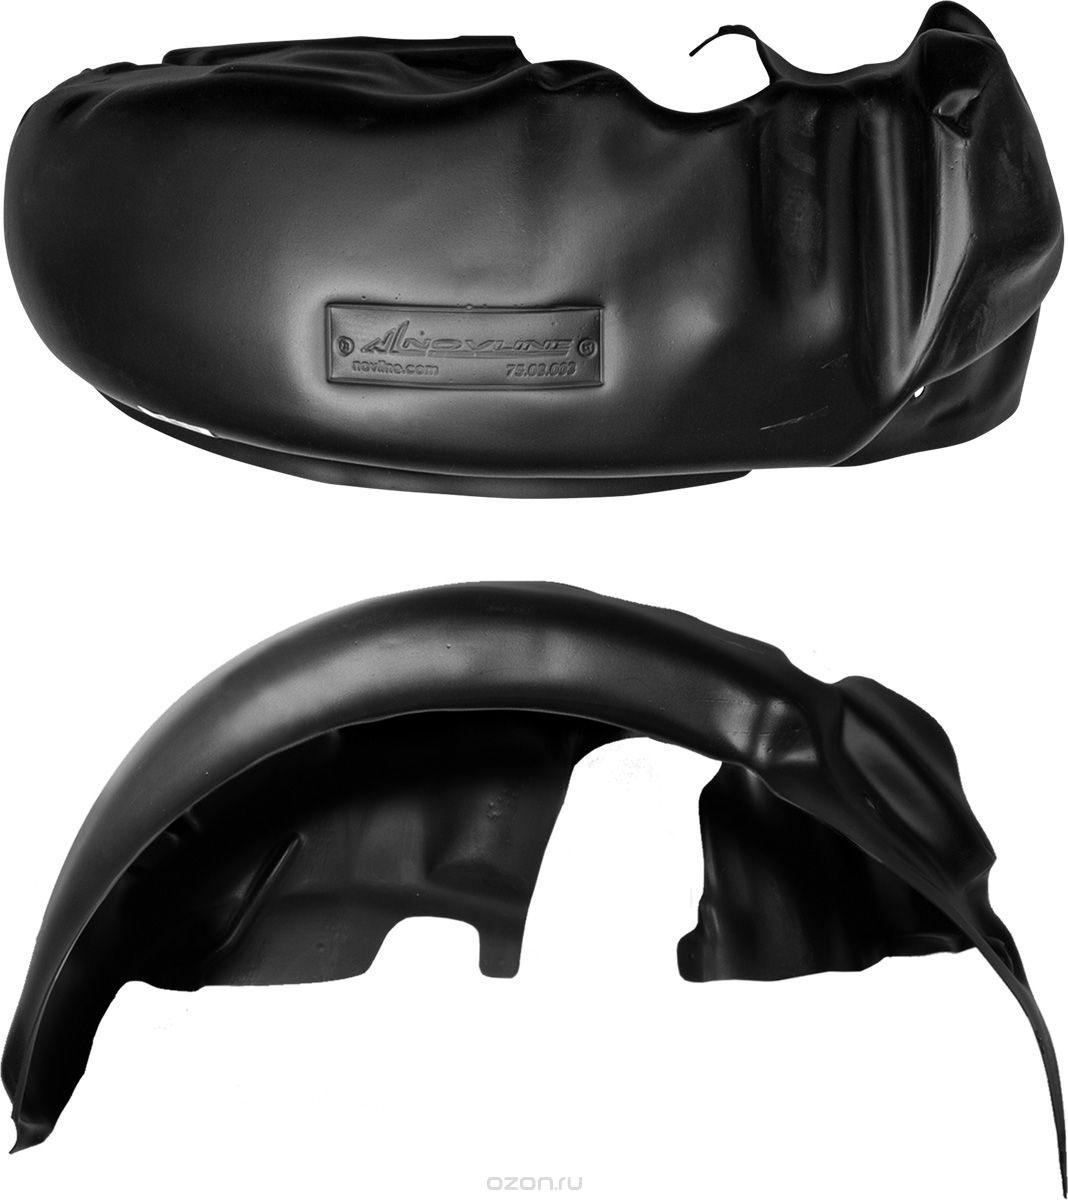 Подкрылок Novline-Autofamily, для ВАЗ 2108-099, 1987-2004, б/б, задний левый000403Идеальная защита колесной ниши. Локеры разработаны с применением цифровых технологий, гарантируют максимальную повторяемость поверхности арки. Изделия устанавливаются без нарушения лакокрасочного покрытия автомобиля, каждый подкрылок комплектуется крепежом. Уважаемые клиенты, обращаем ваше внимание, что фотографии на подкрылки универсальные и не отражают реальную форму изделия. При этом само изделие идет точно под размер указанного автомобиля.